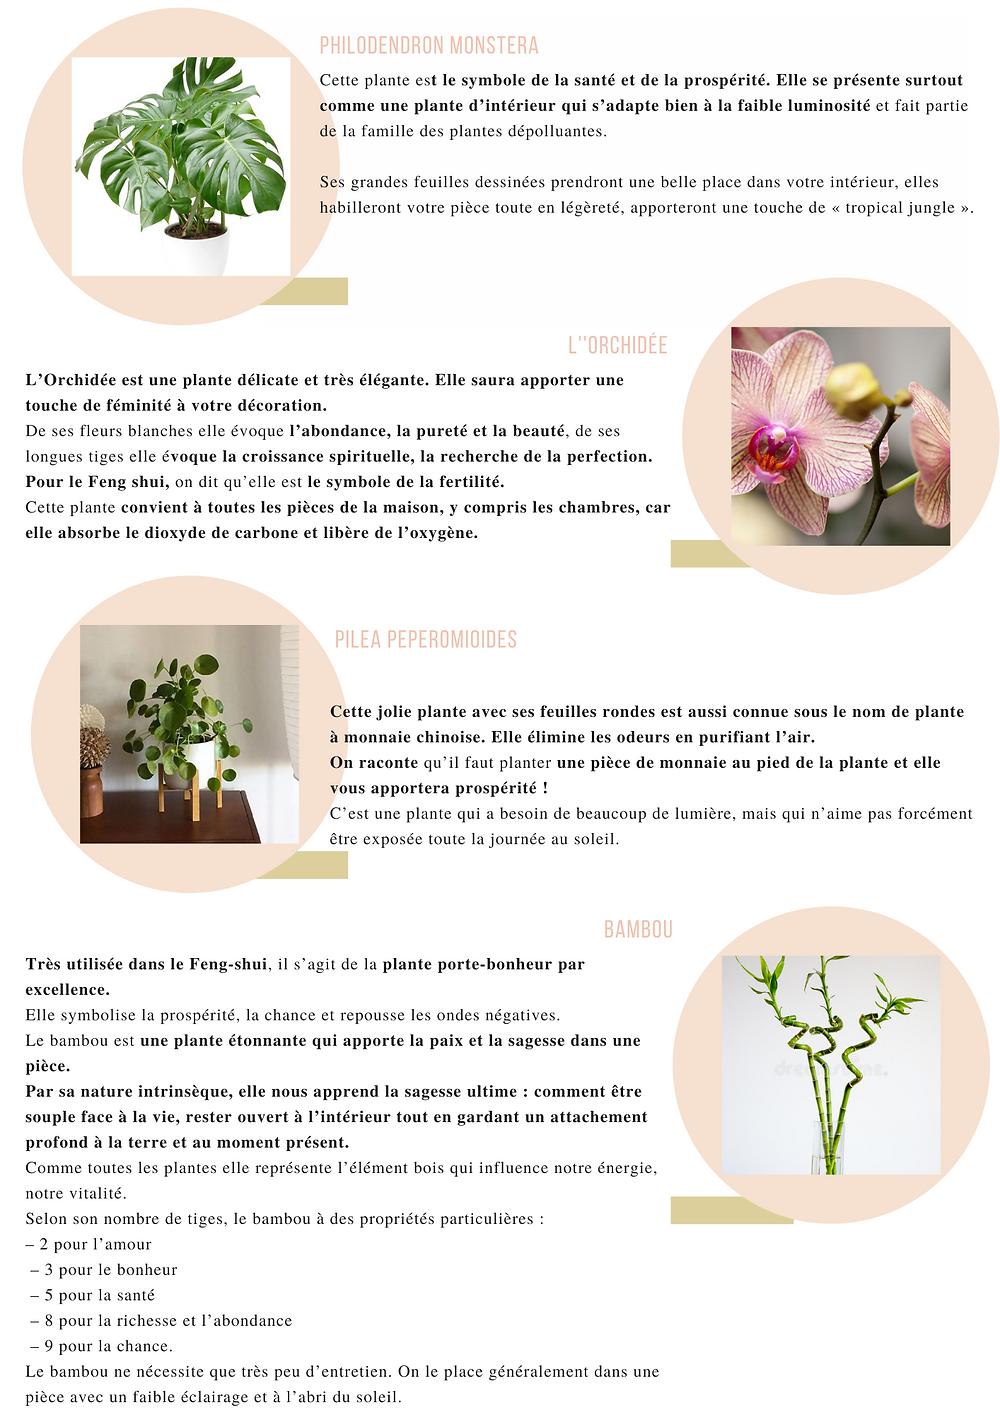 Philodendron monstera cette plante est le symbole de la santé et de la prospérité. Elle se présente surtout comme une plante d'intérieur qui s'adapte bien à la faible luminosité et fait partie de la famille des plantes dépolluantes.